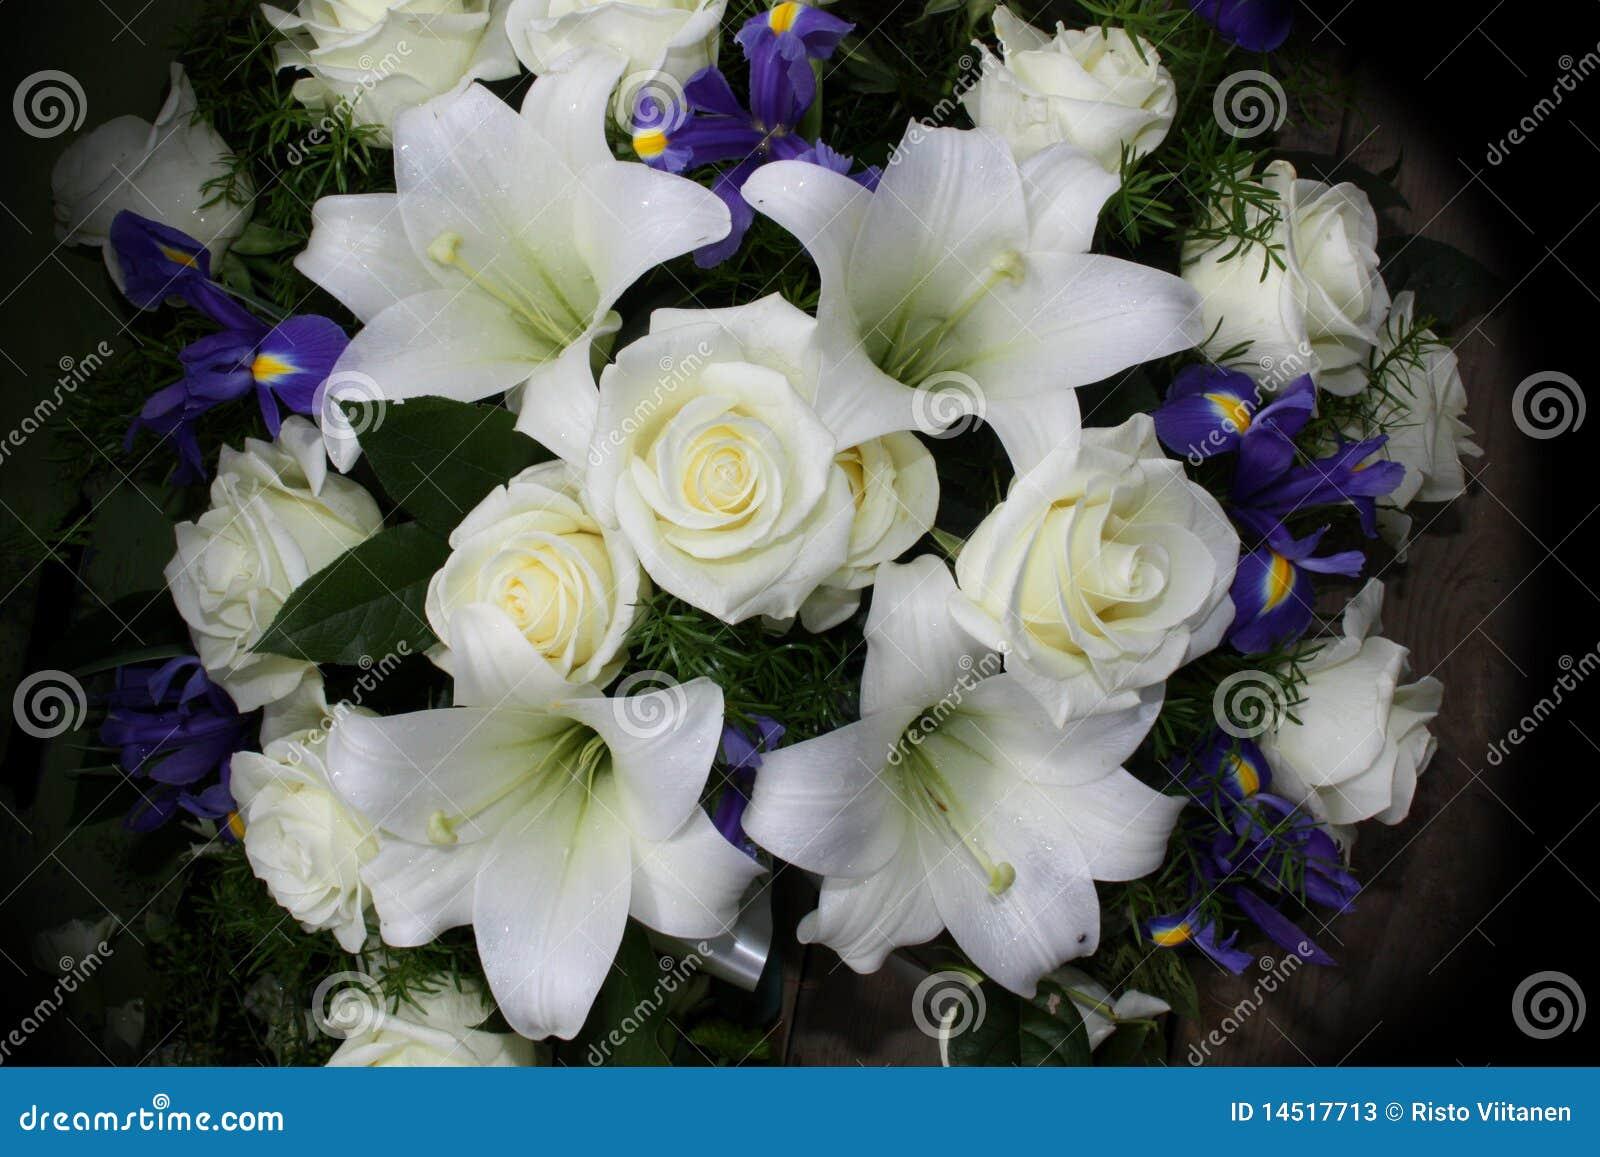 Citaten Voor Begrafenis : Begrafenis bloemen voor deelneming stock afbeelding